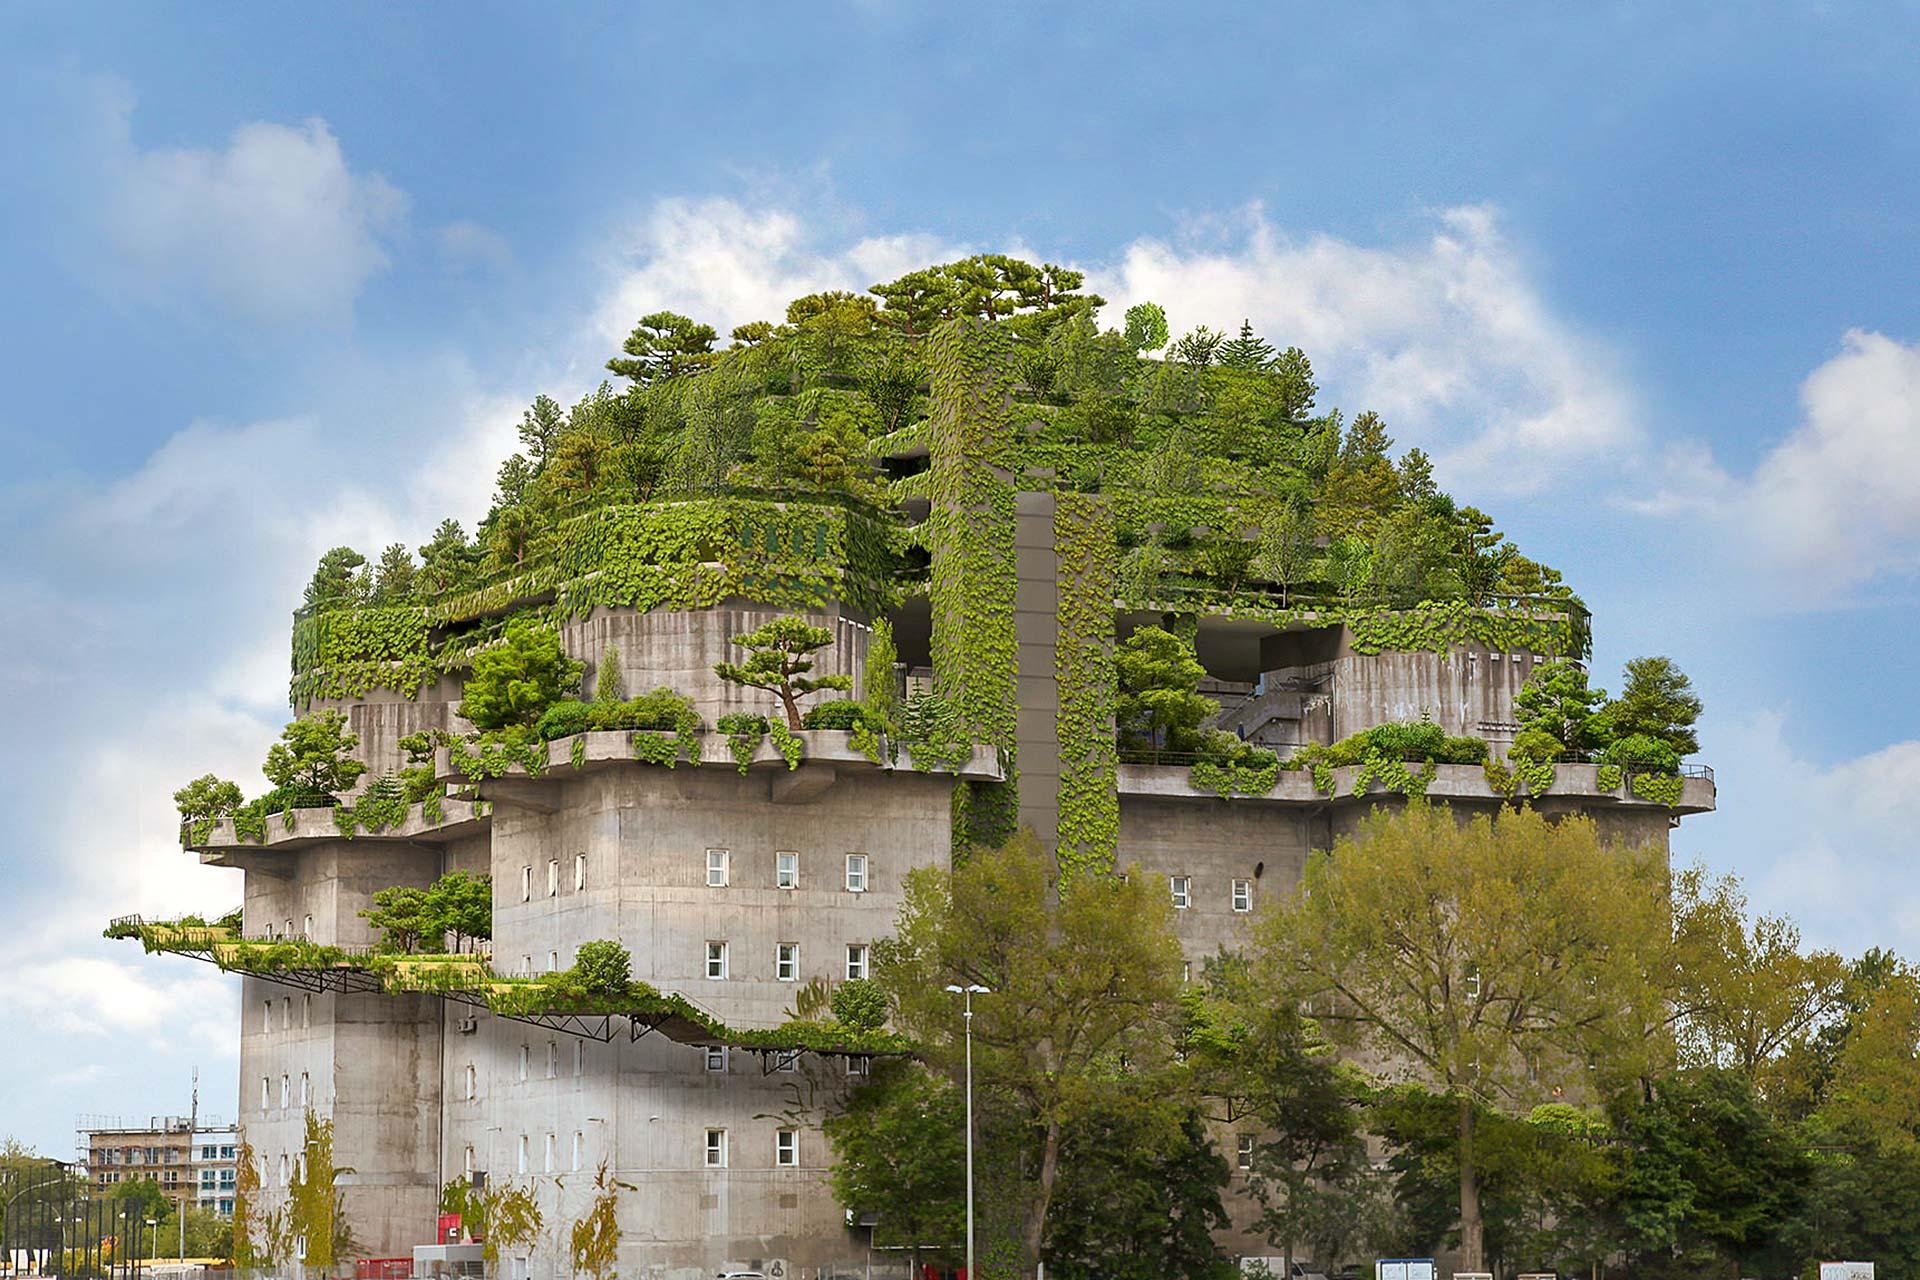 Projekte: Stadtgarten in Hamburg (2020-2021) - Aufstockung des Bunkers